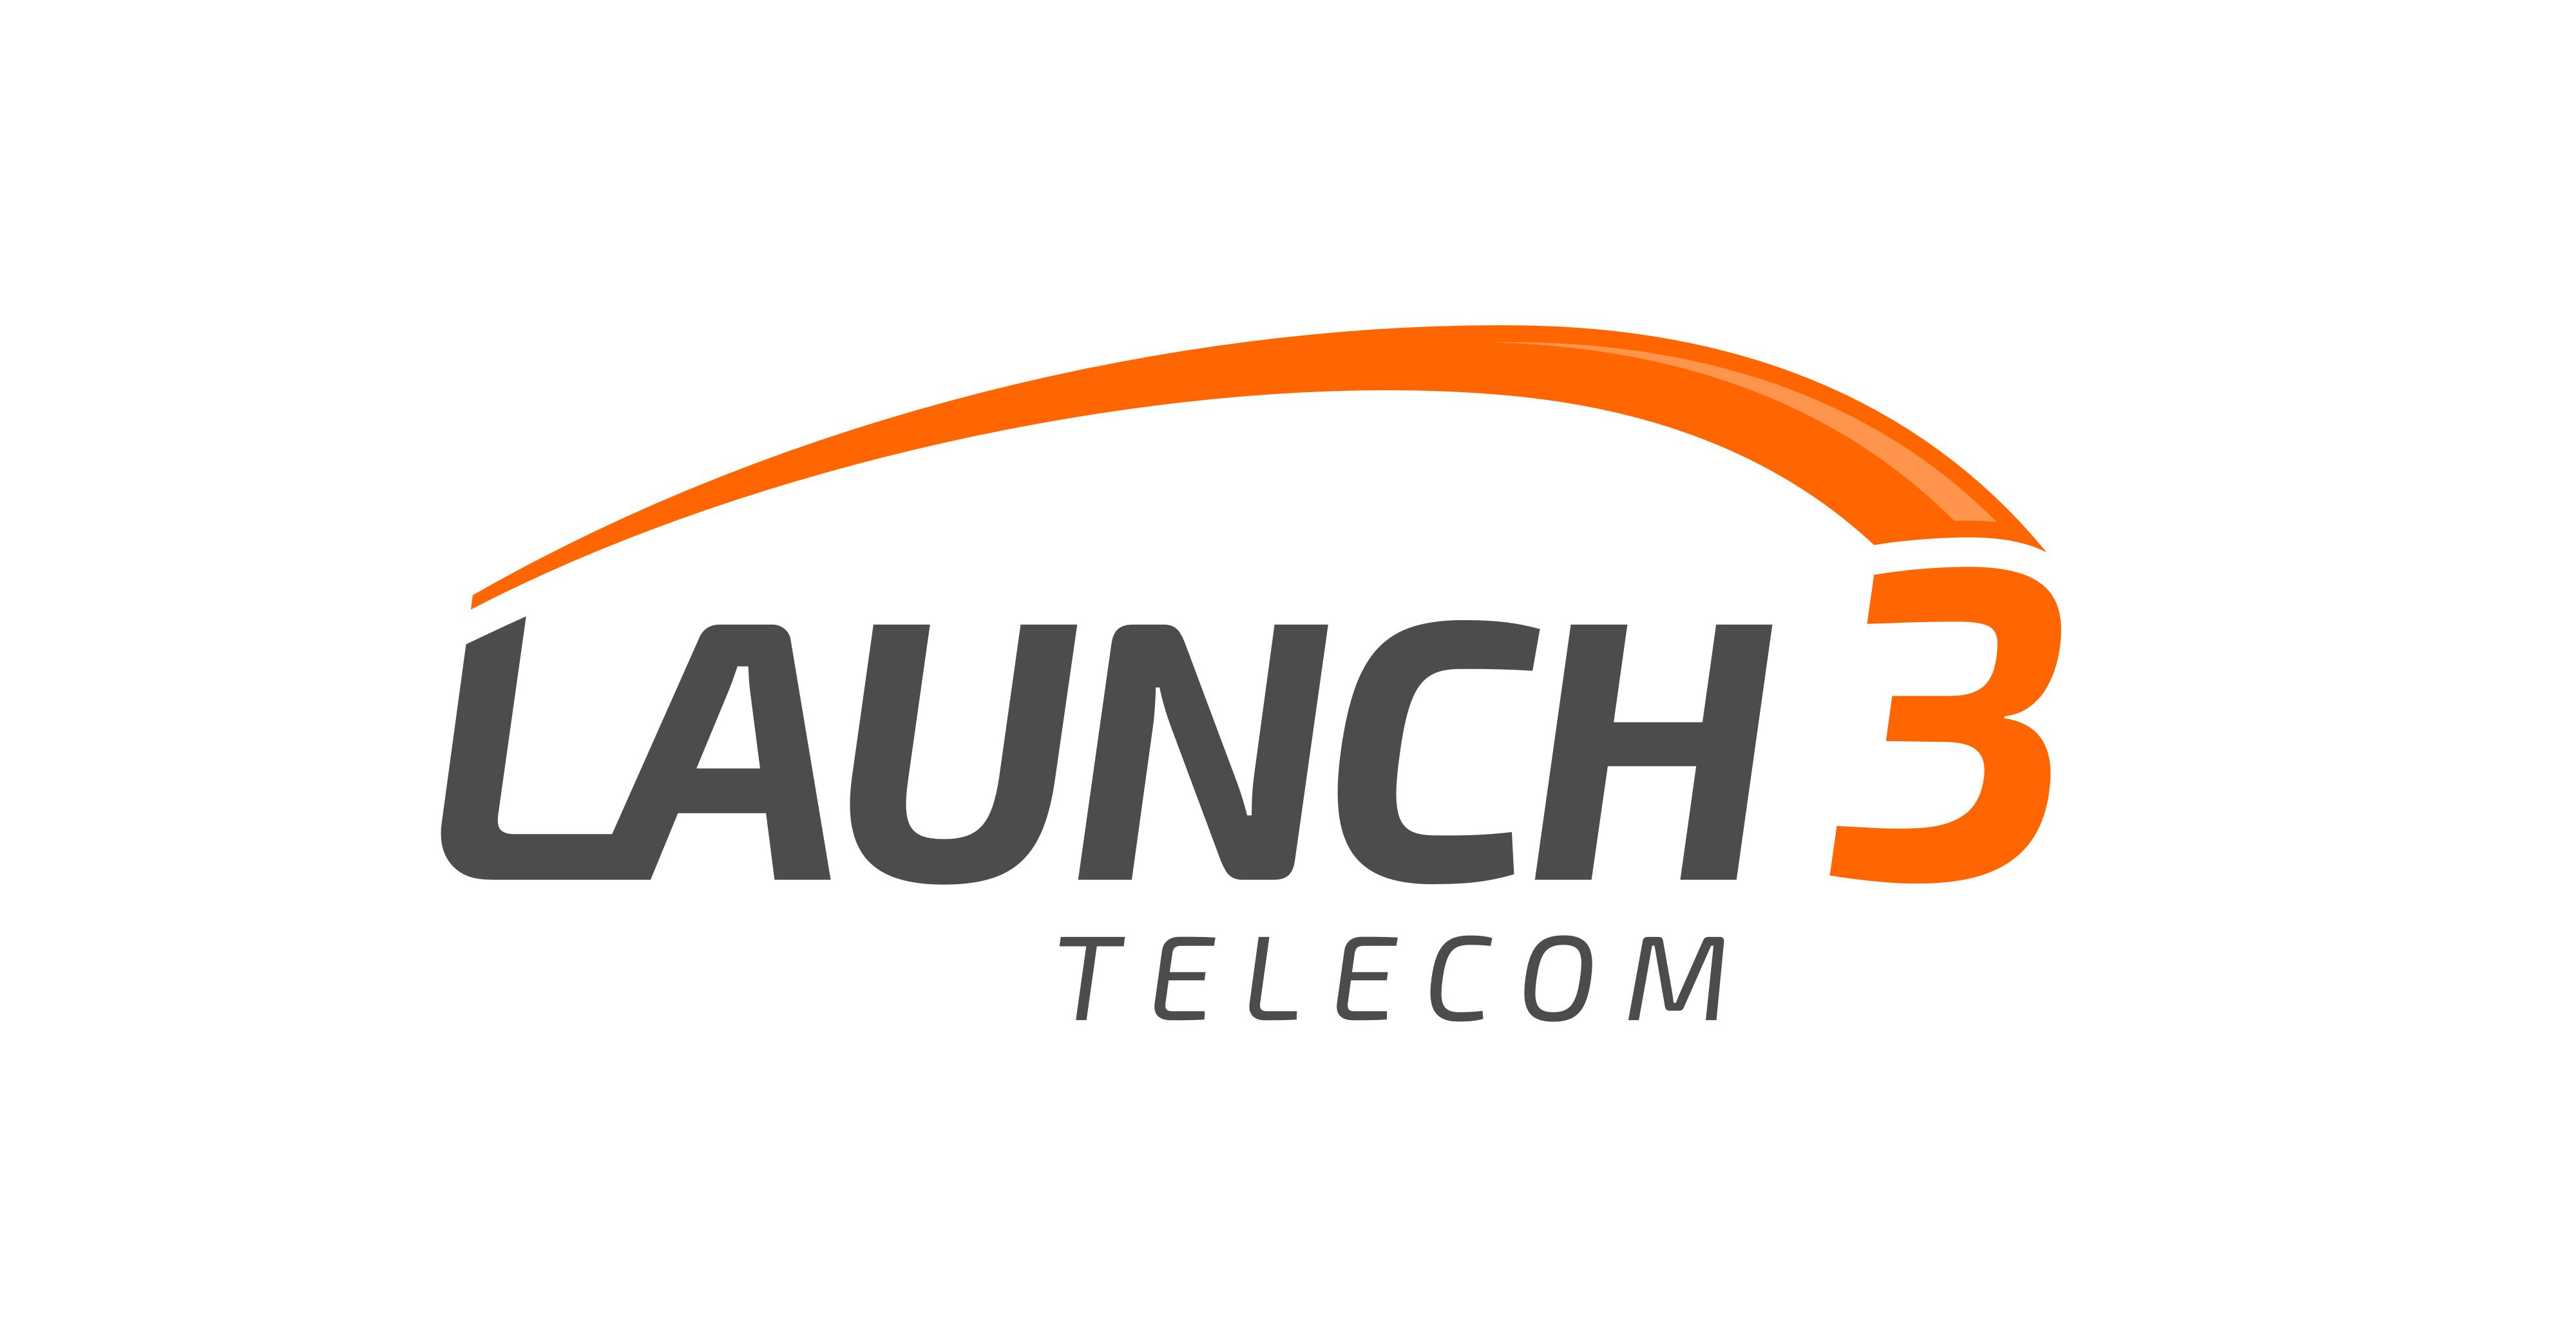 launch3 telecom final